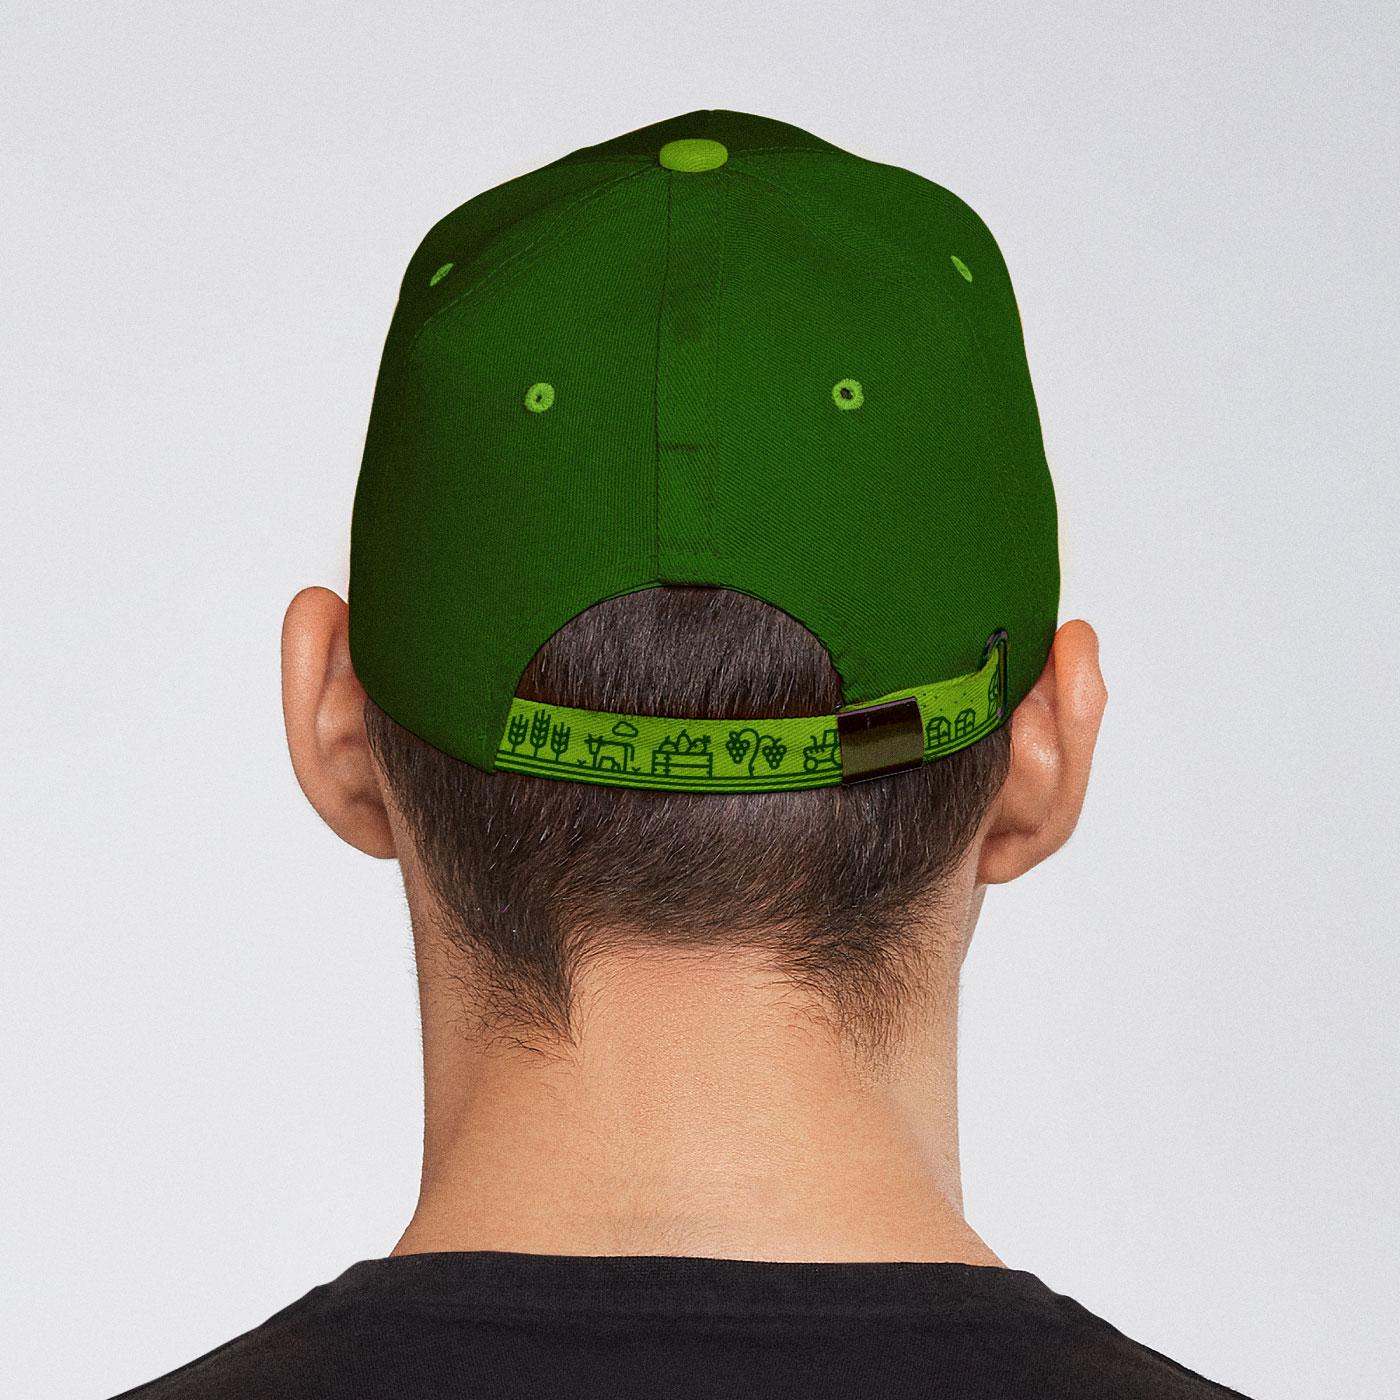 Cap_Back_Flatten_Crop_1400_q60_02